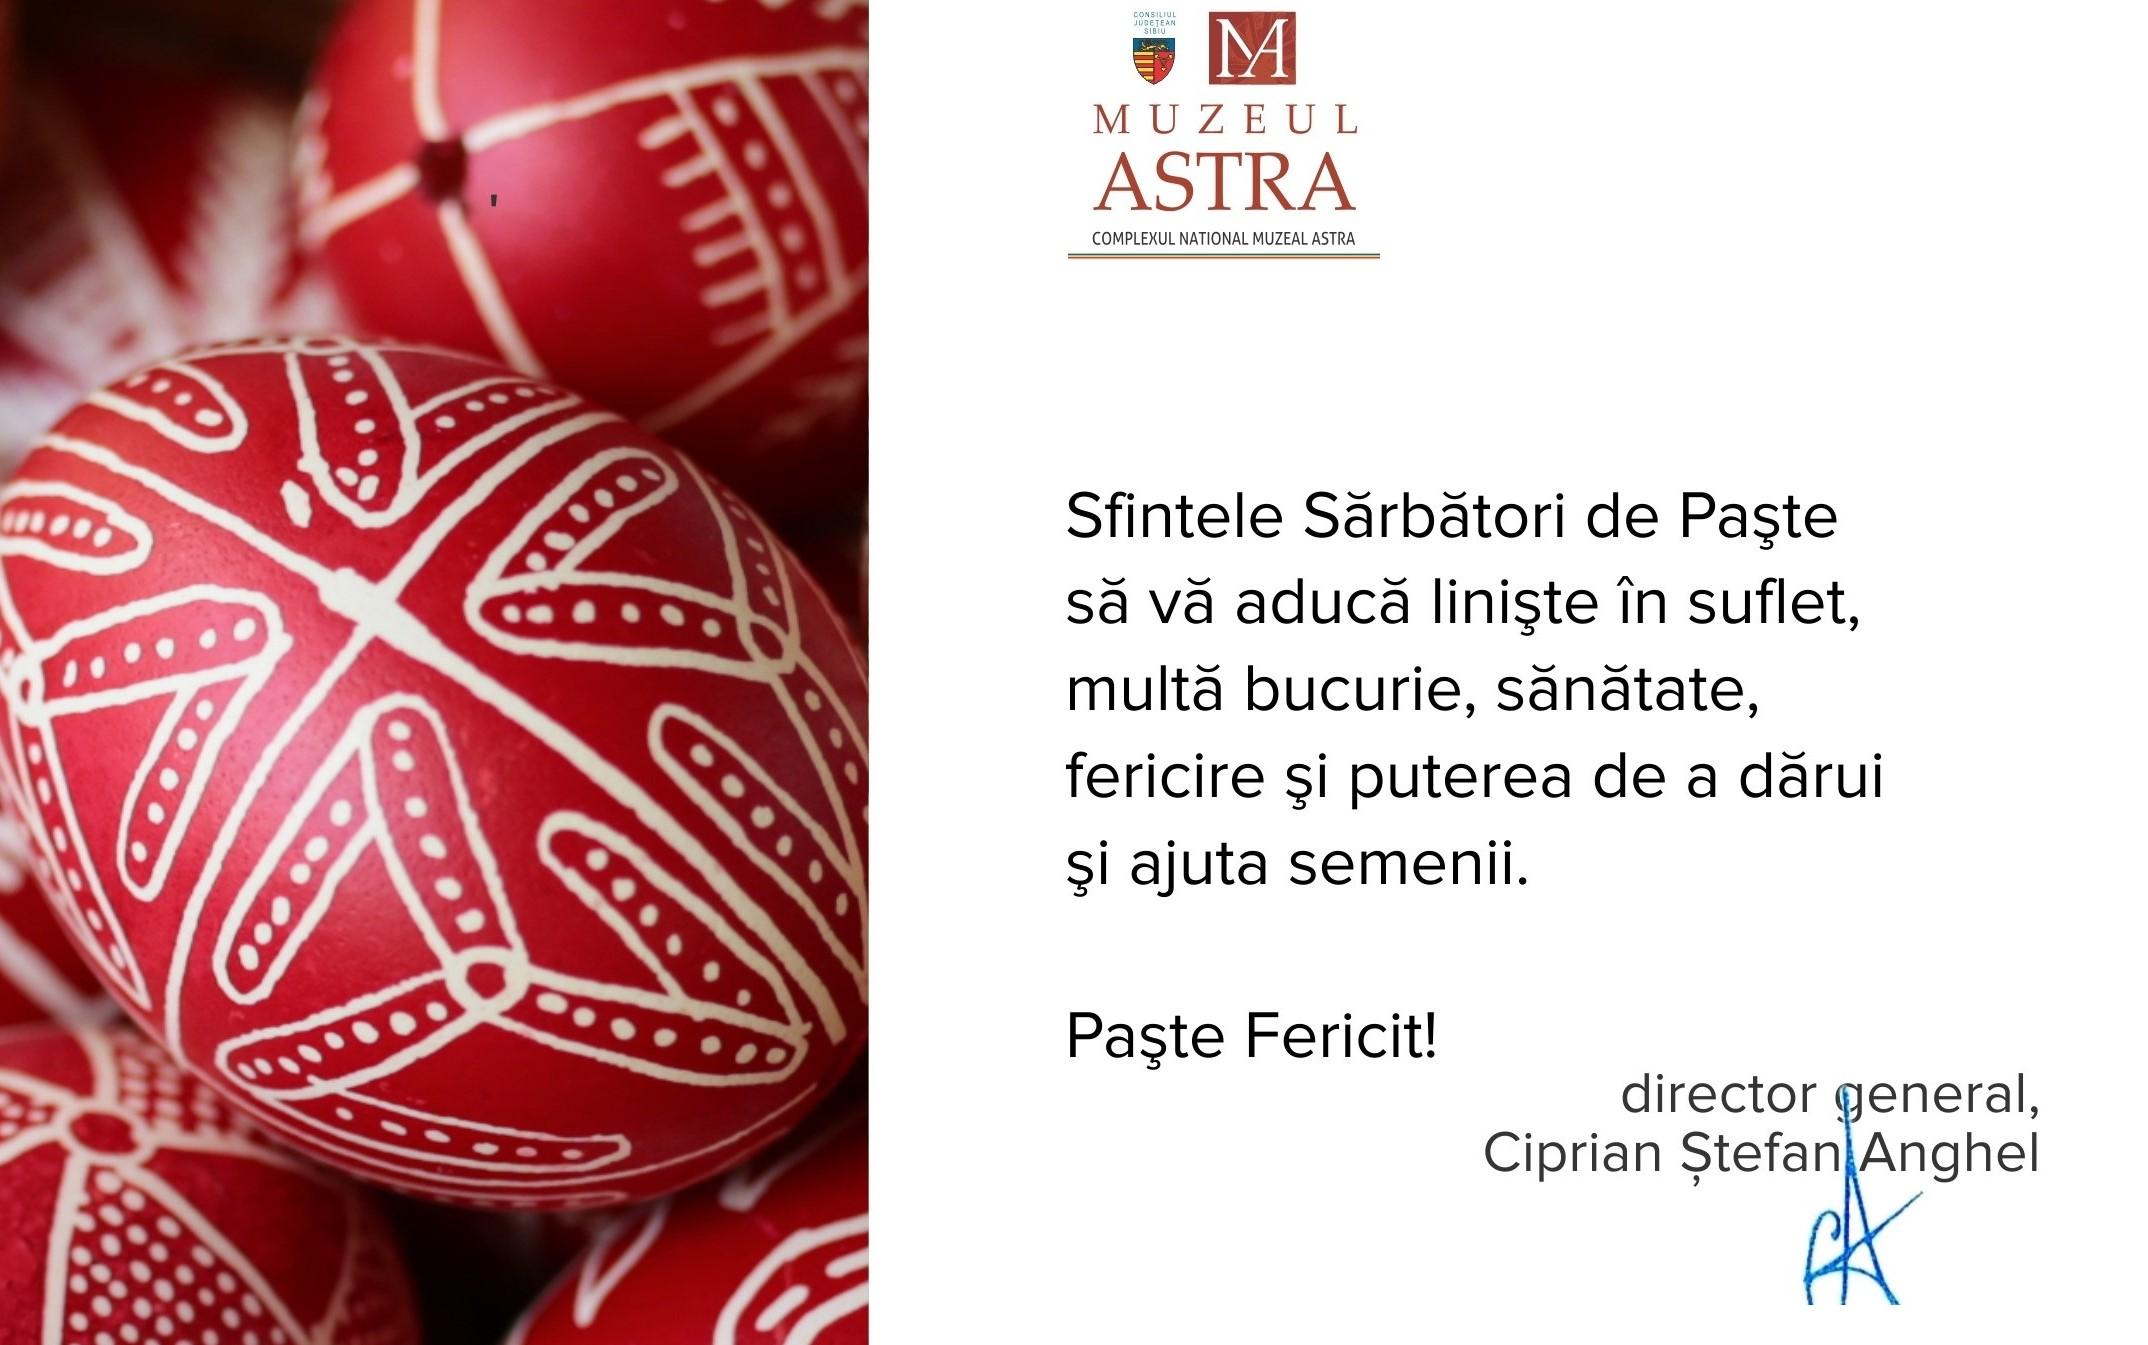 Paște Fericit!    Muzeul ASTRA